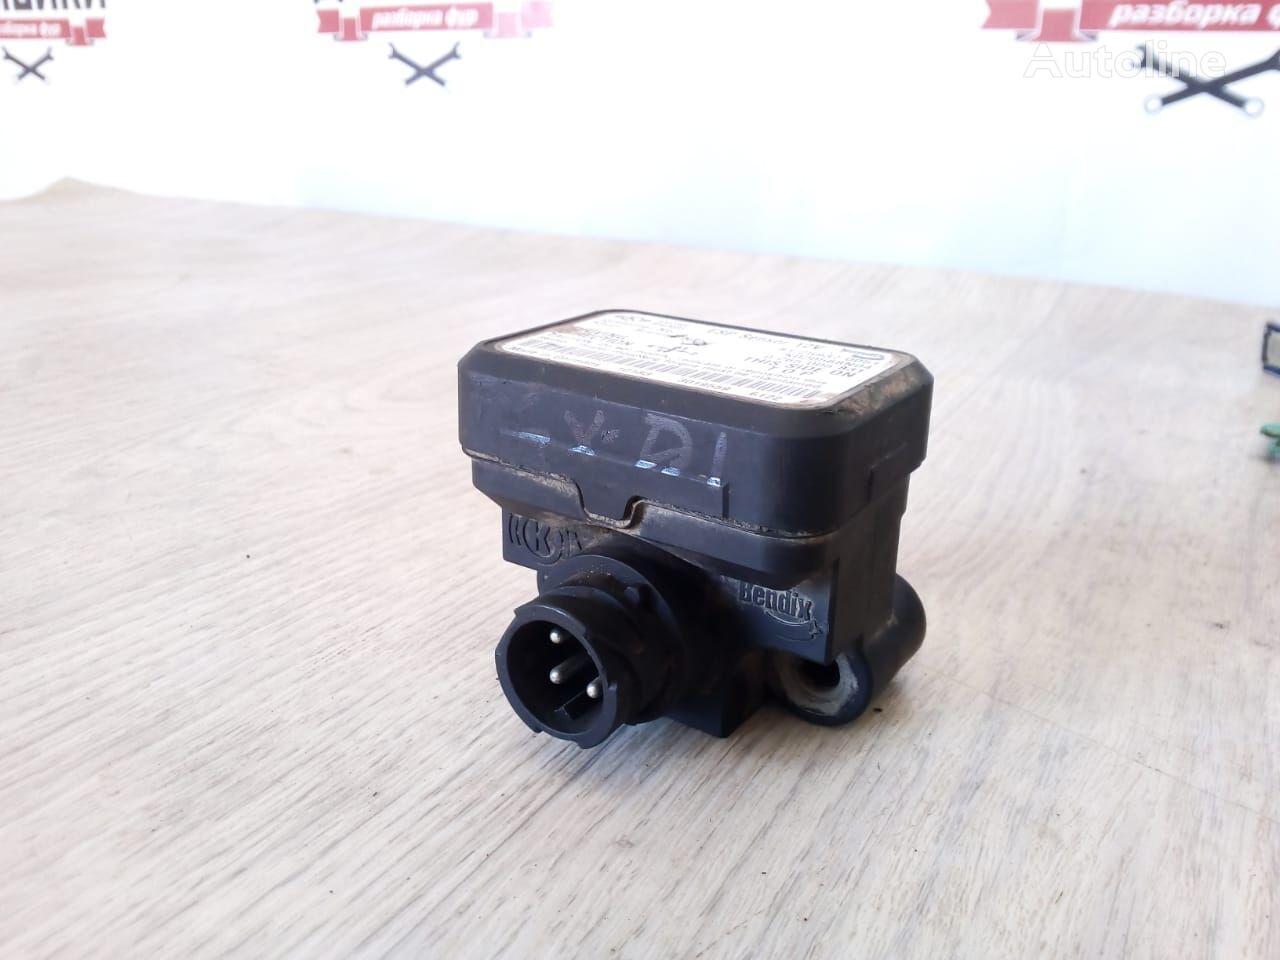 ESP 0265005831 control unit for MAN TGX truck